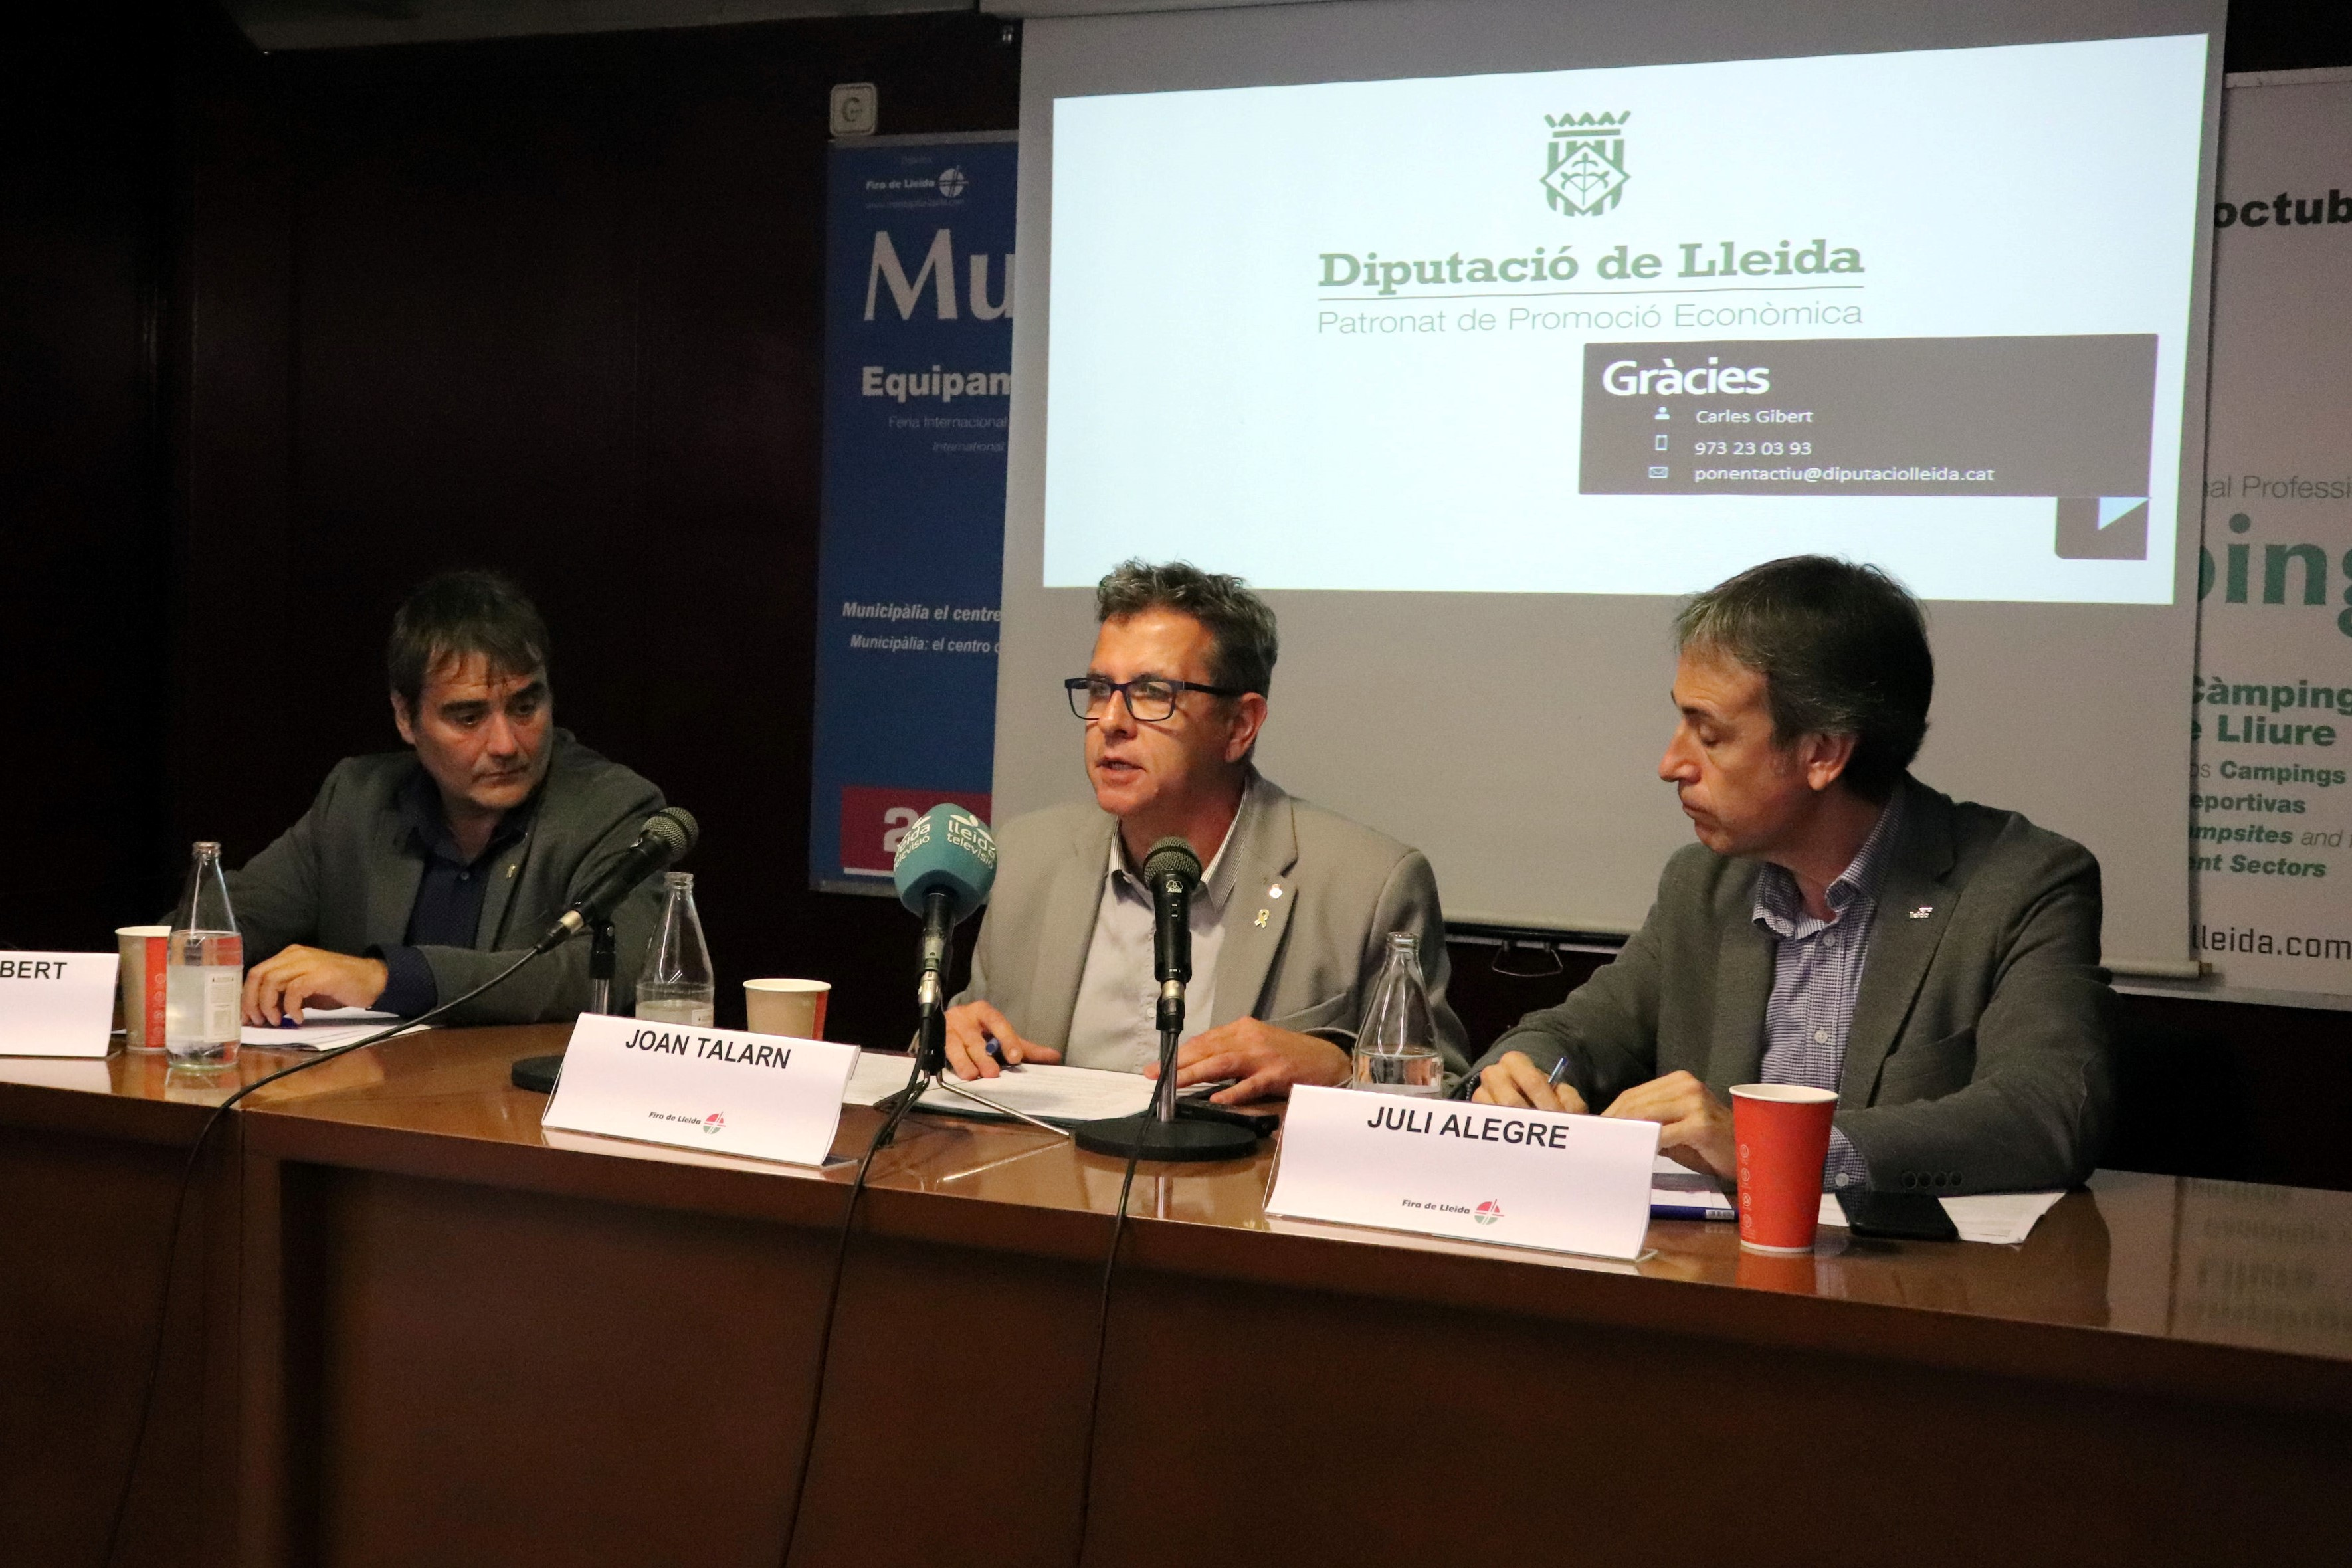 La Diputació  dona suport a 58 actuacions del projecte Ponent Actiu amb fons FEDER a les comarques de l'Urgell, Pla d'Urgell, el Segrià i les Garrigues